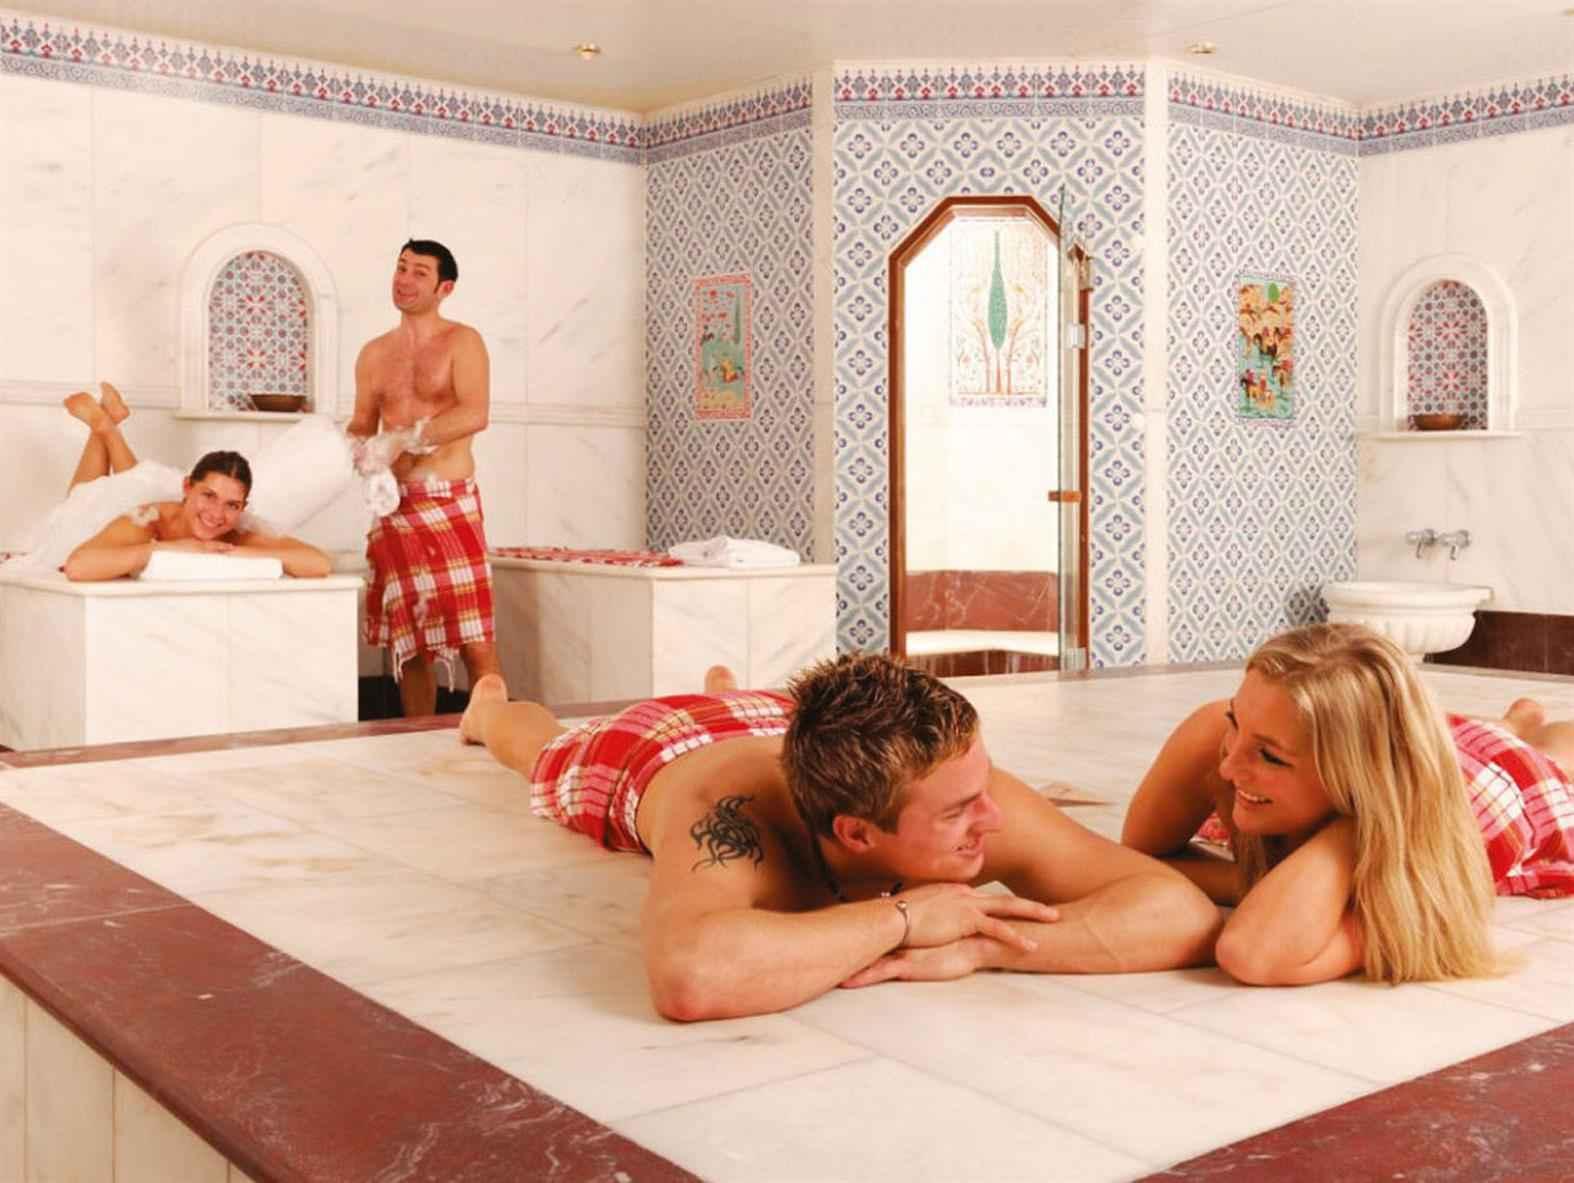 Хороший домашний секс русских, Русское домашнее порно - смотреть видео бесплатно 20 фотография